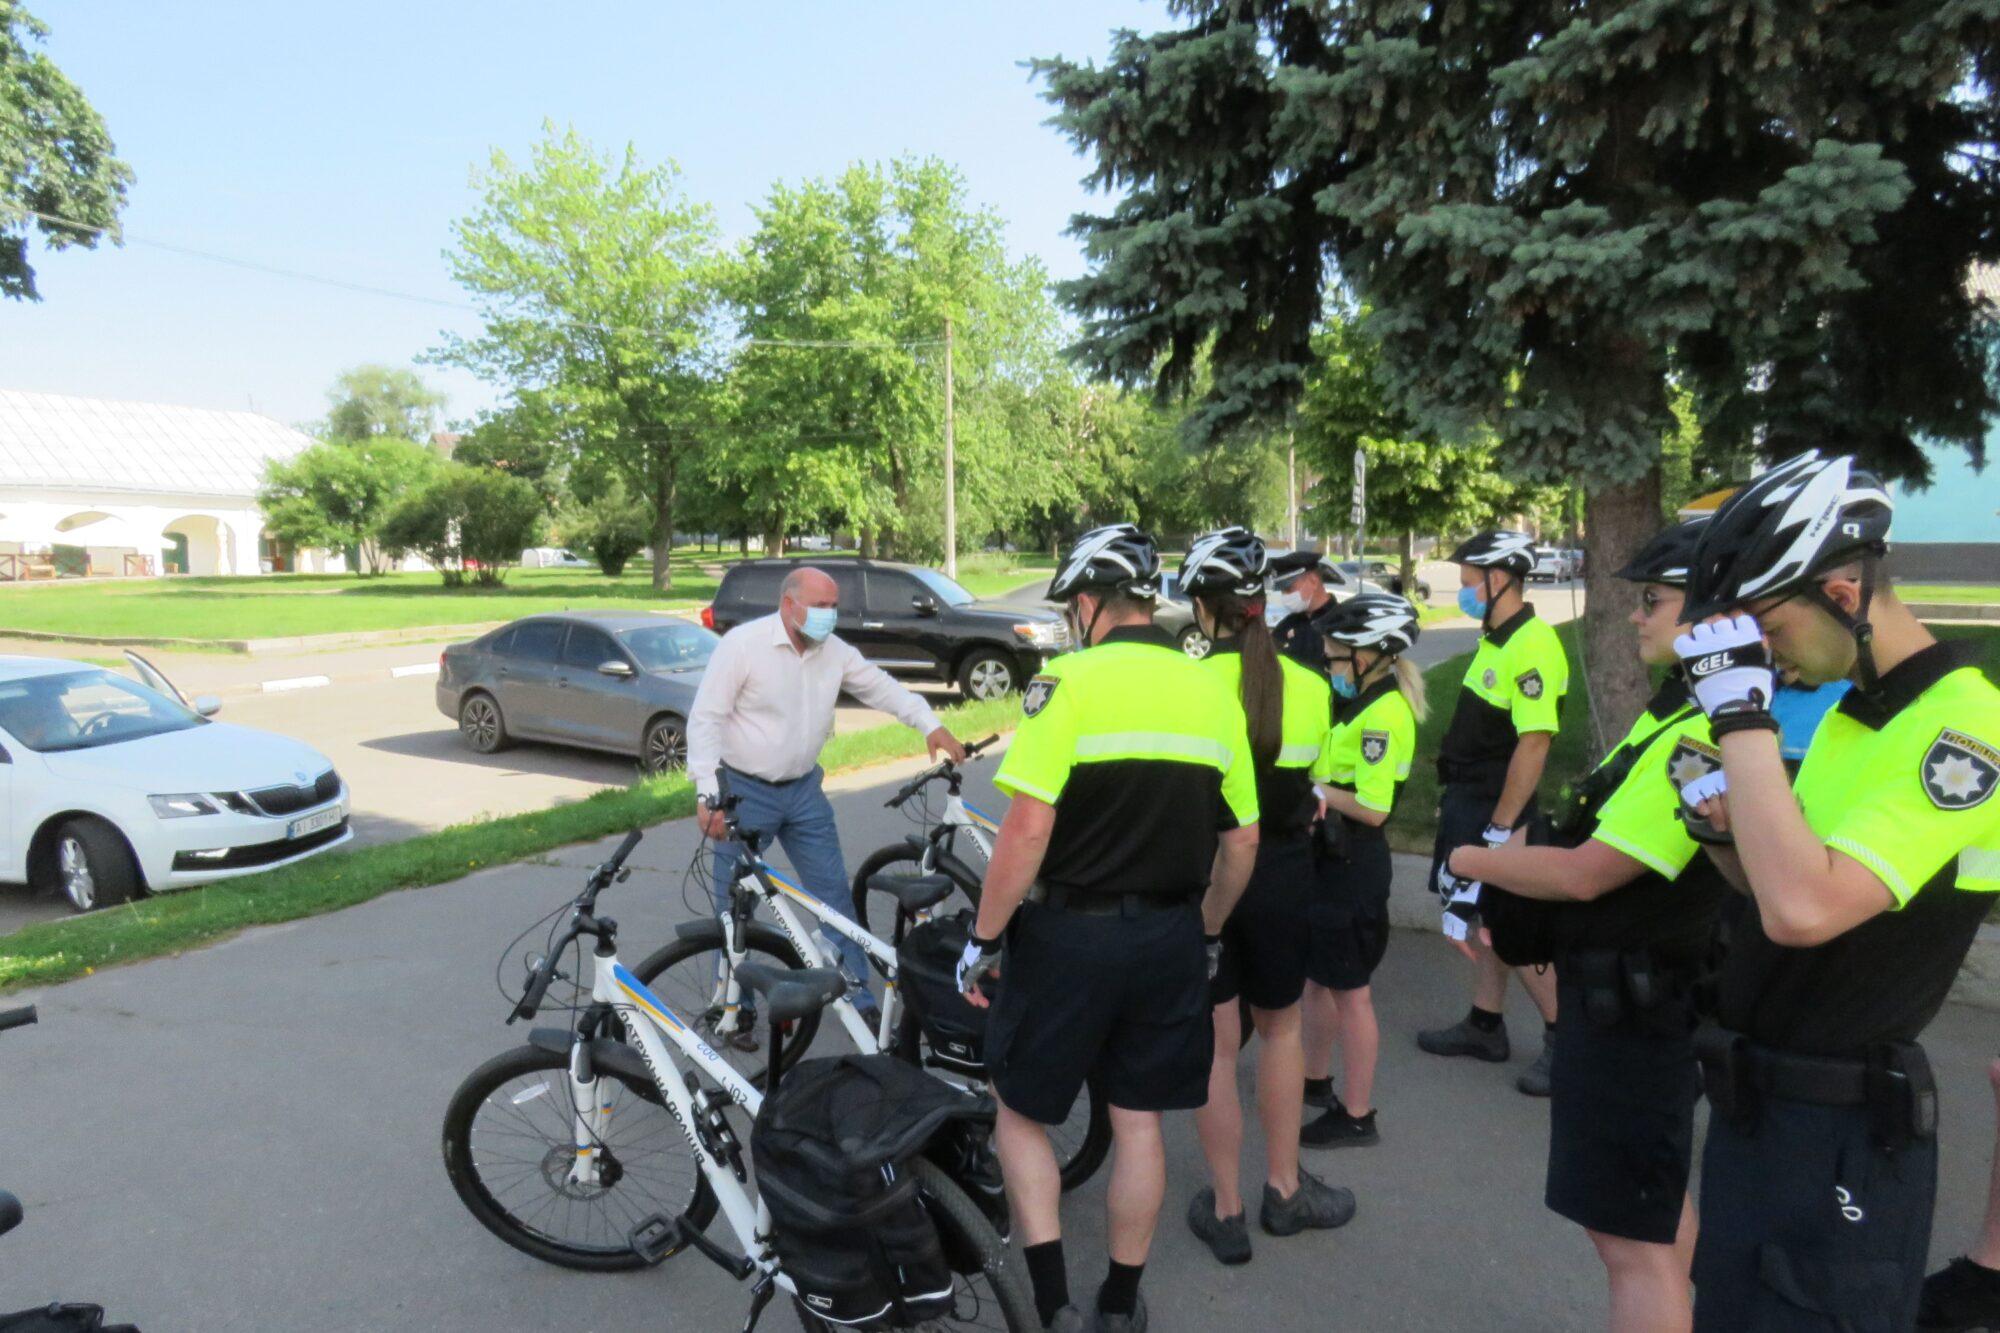 У Білій Церкві започаткували поліцейські велопатрулі - Біла Церква - Velopatrul4 2000x1333